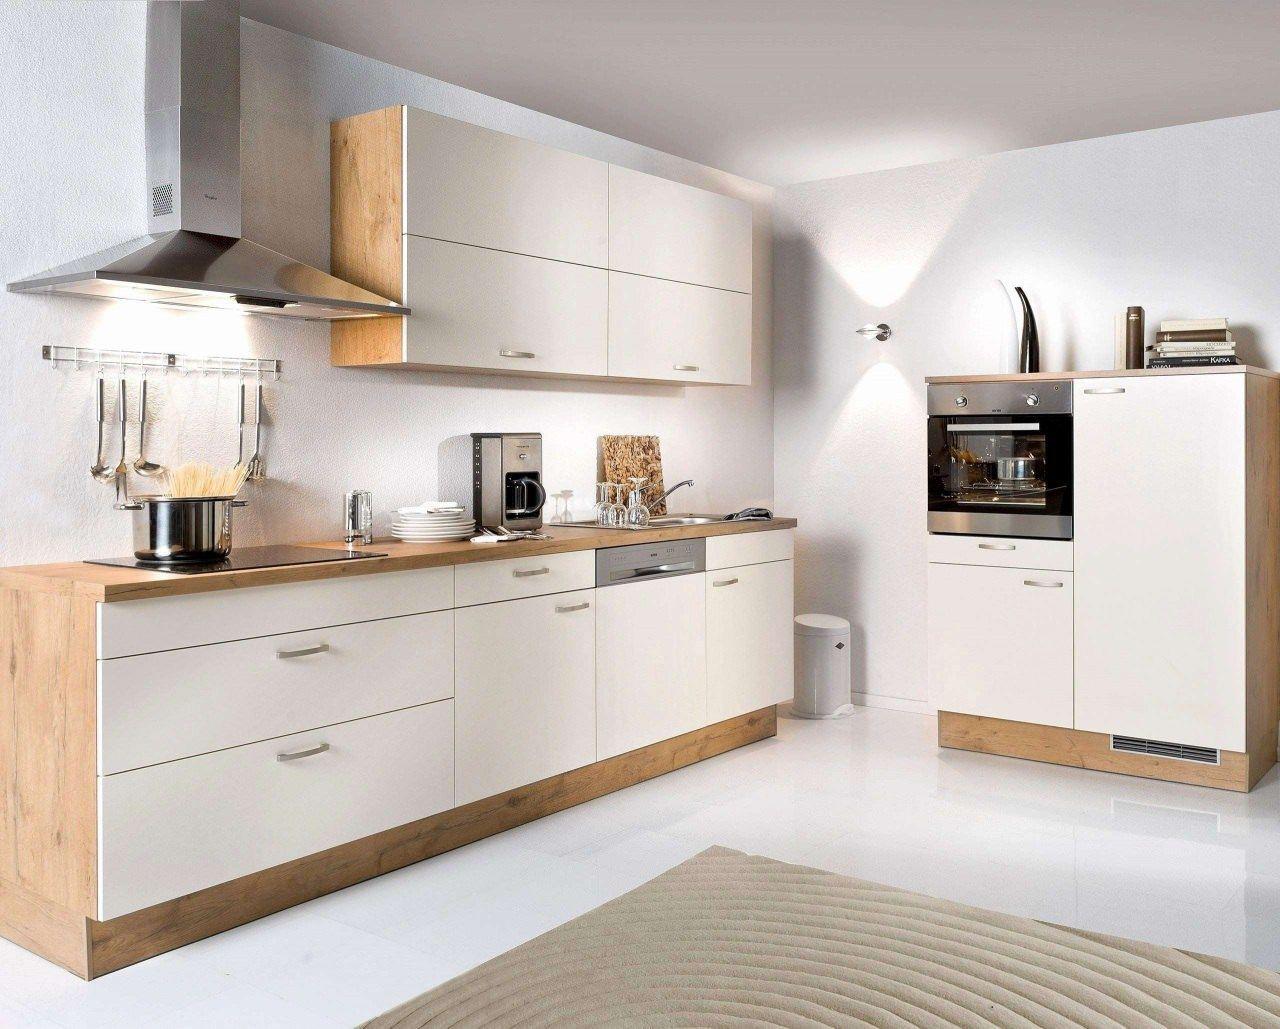 Kuche Ikea Online Bestellen Kuchenkauf Bei Ikea Erfahrungen Mit